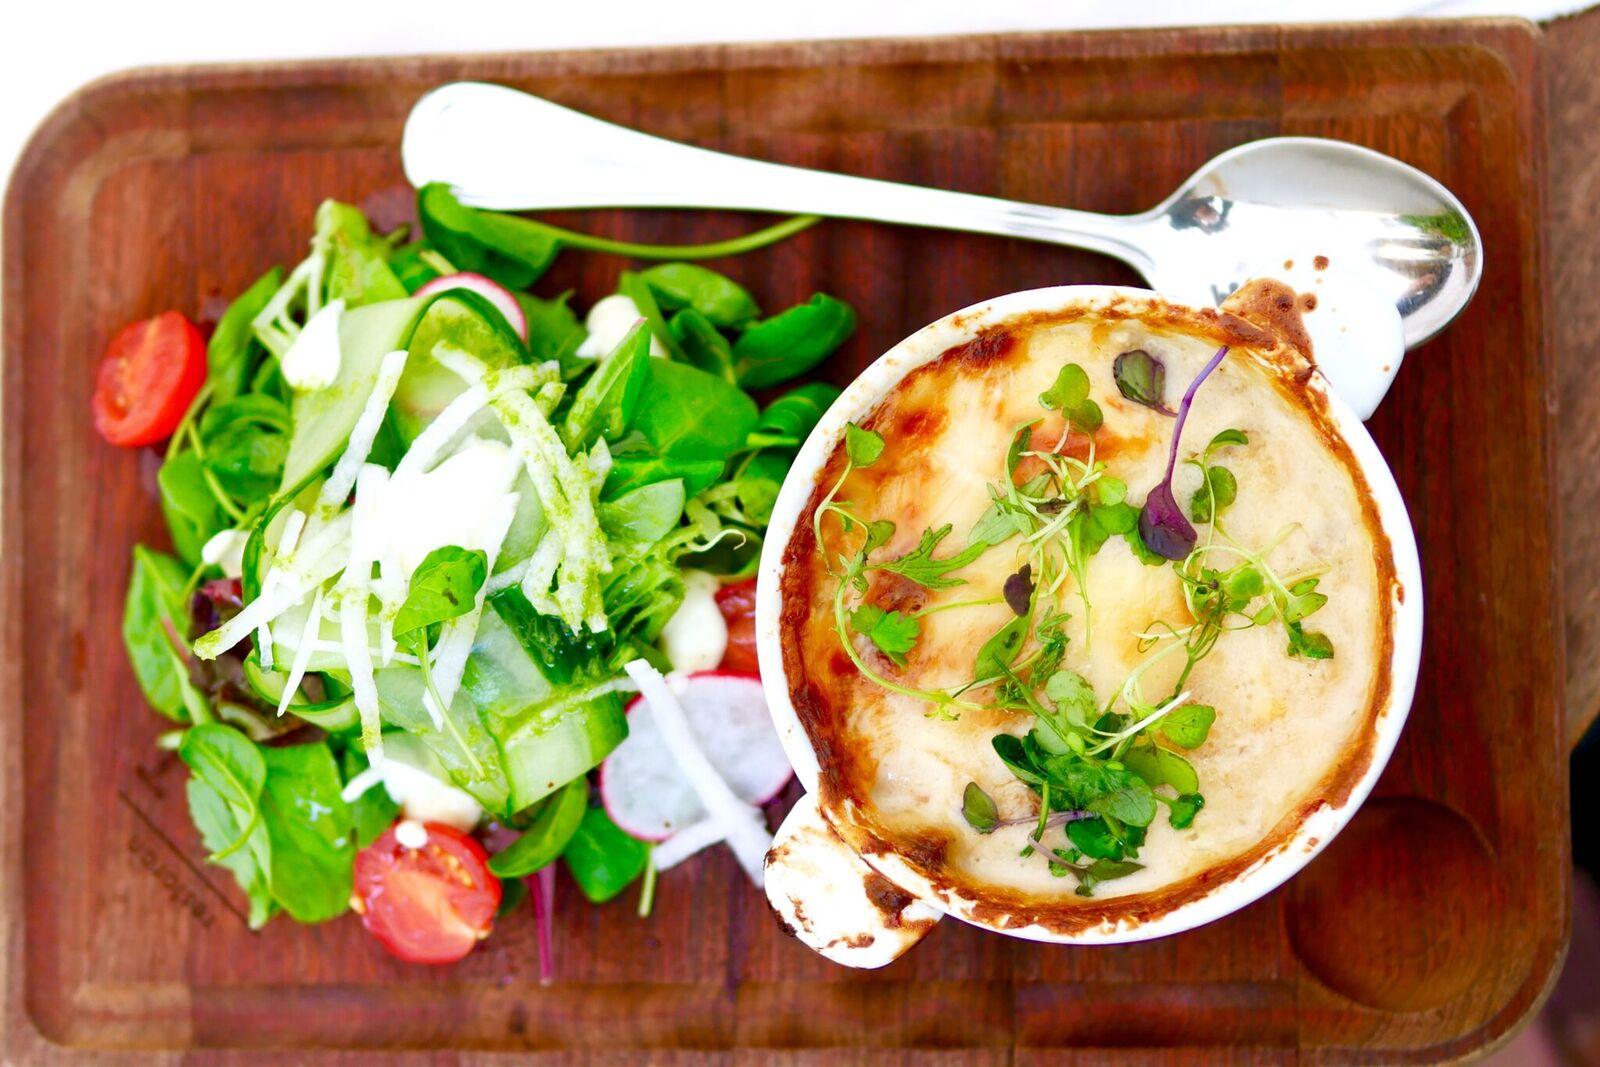 ....  Vege lasanje värske salatiga 11€  Ka see roog on gluteenivaba. Ei nimetaks seda aga lasanjeks, vaid lihtsalt ahjuroaks. Lasanje puhul tekib ootus, mida see roog ei täida - puudub pasta või miski muu sellelaadne tähtis lasanje osa. Antud roa sisemuses polnudki õieti midagi tahket, palju juustu, midagi kastmelaadset ja üllatuseks ka palju (hapu)kurki! Kuigi kirjeldatu ei kõla võib-olla kõige ahvatlevamalt, siis tuleb siiski tunnistada, et toit maitses hästi, kuigi polnud üldse see, mida me ootasime.  ..  Vegetarian lasagna with fresh salad 11€  We wouldn't call it a lasagna, rather just an oven dish. Either way this dish was also gluten-free. It was not even close to what we were expecting to get but we have to say it all tasted quite good.  ....